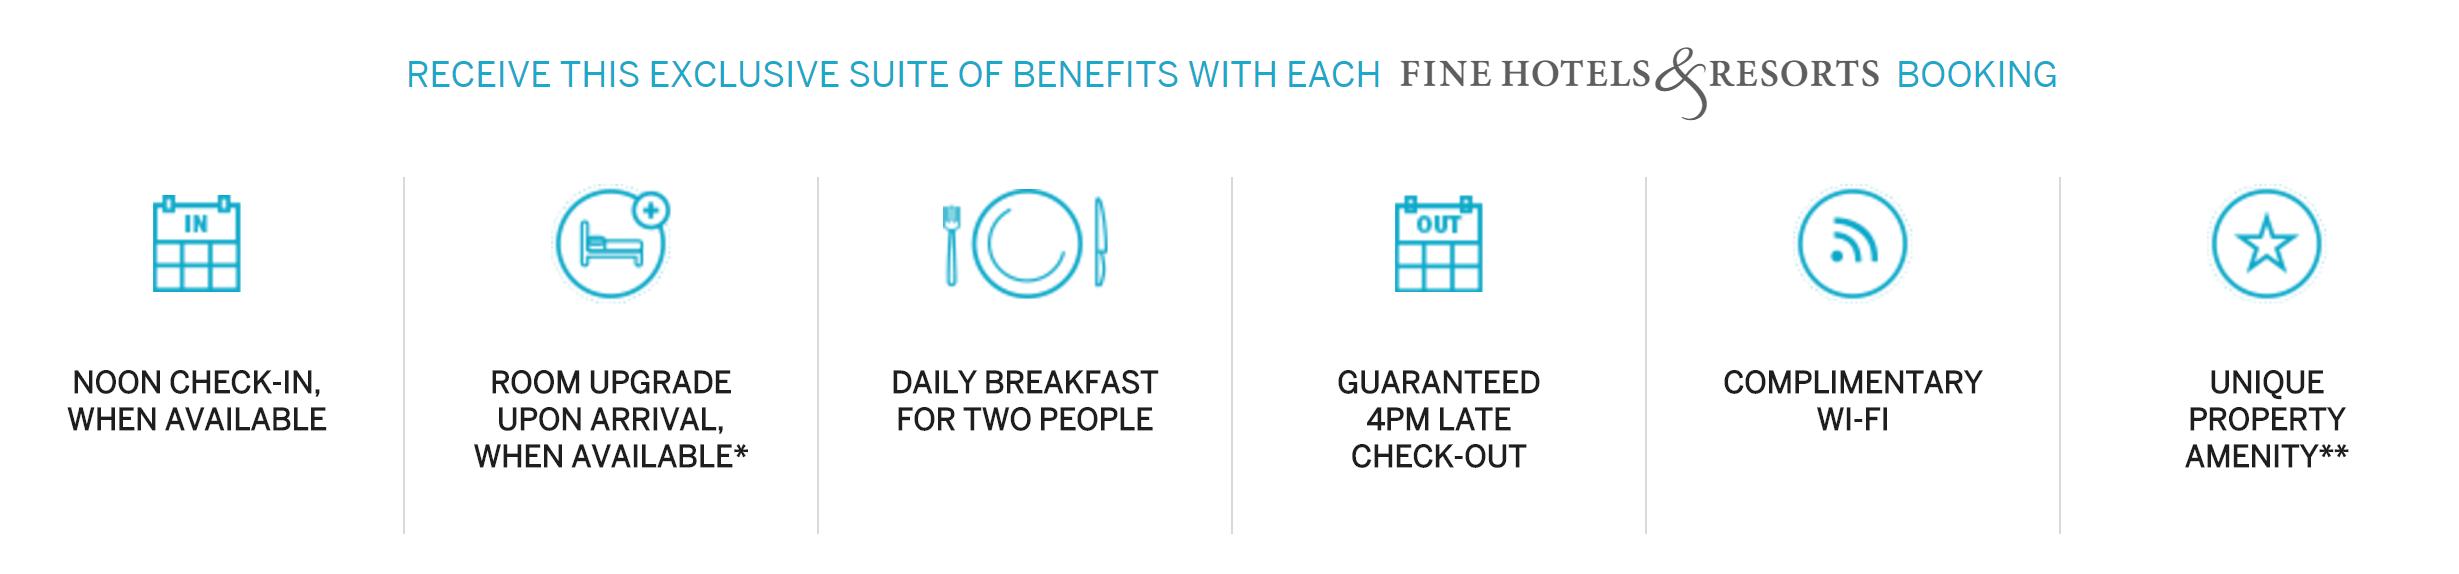 Amexfhr benefits